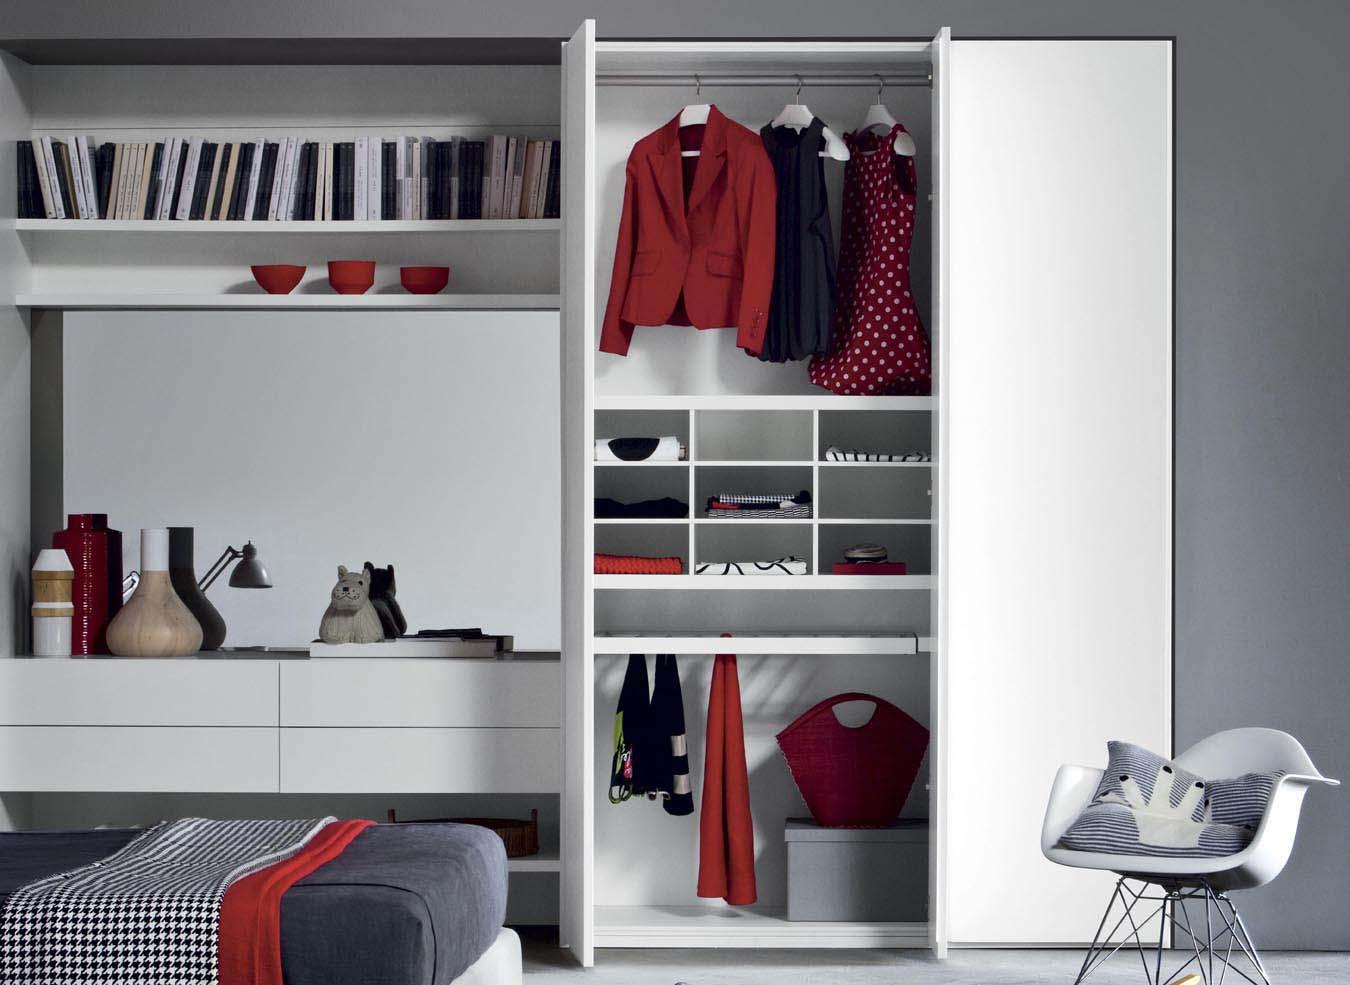 fci-wardrobes-18